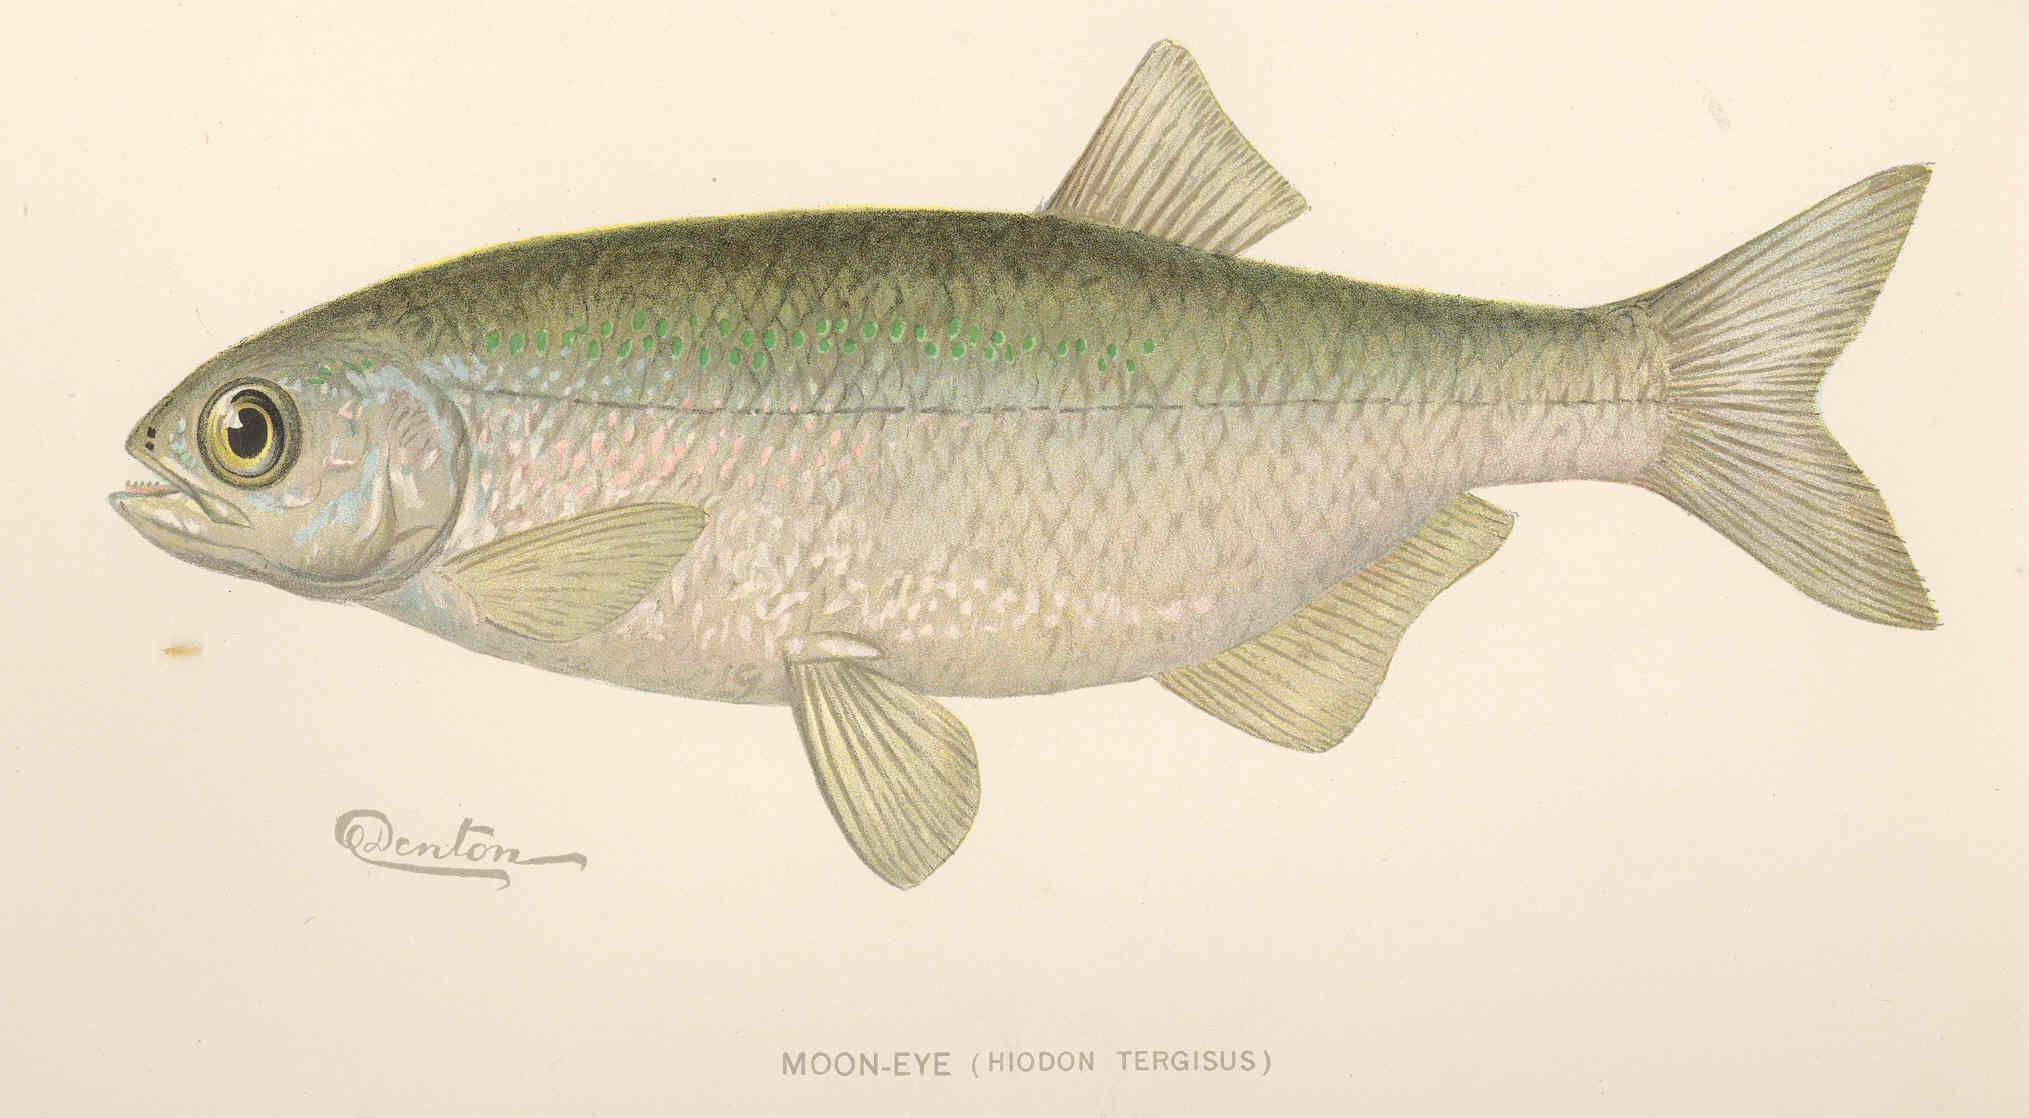 Image of Mooneye